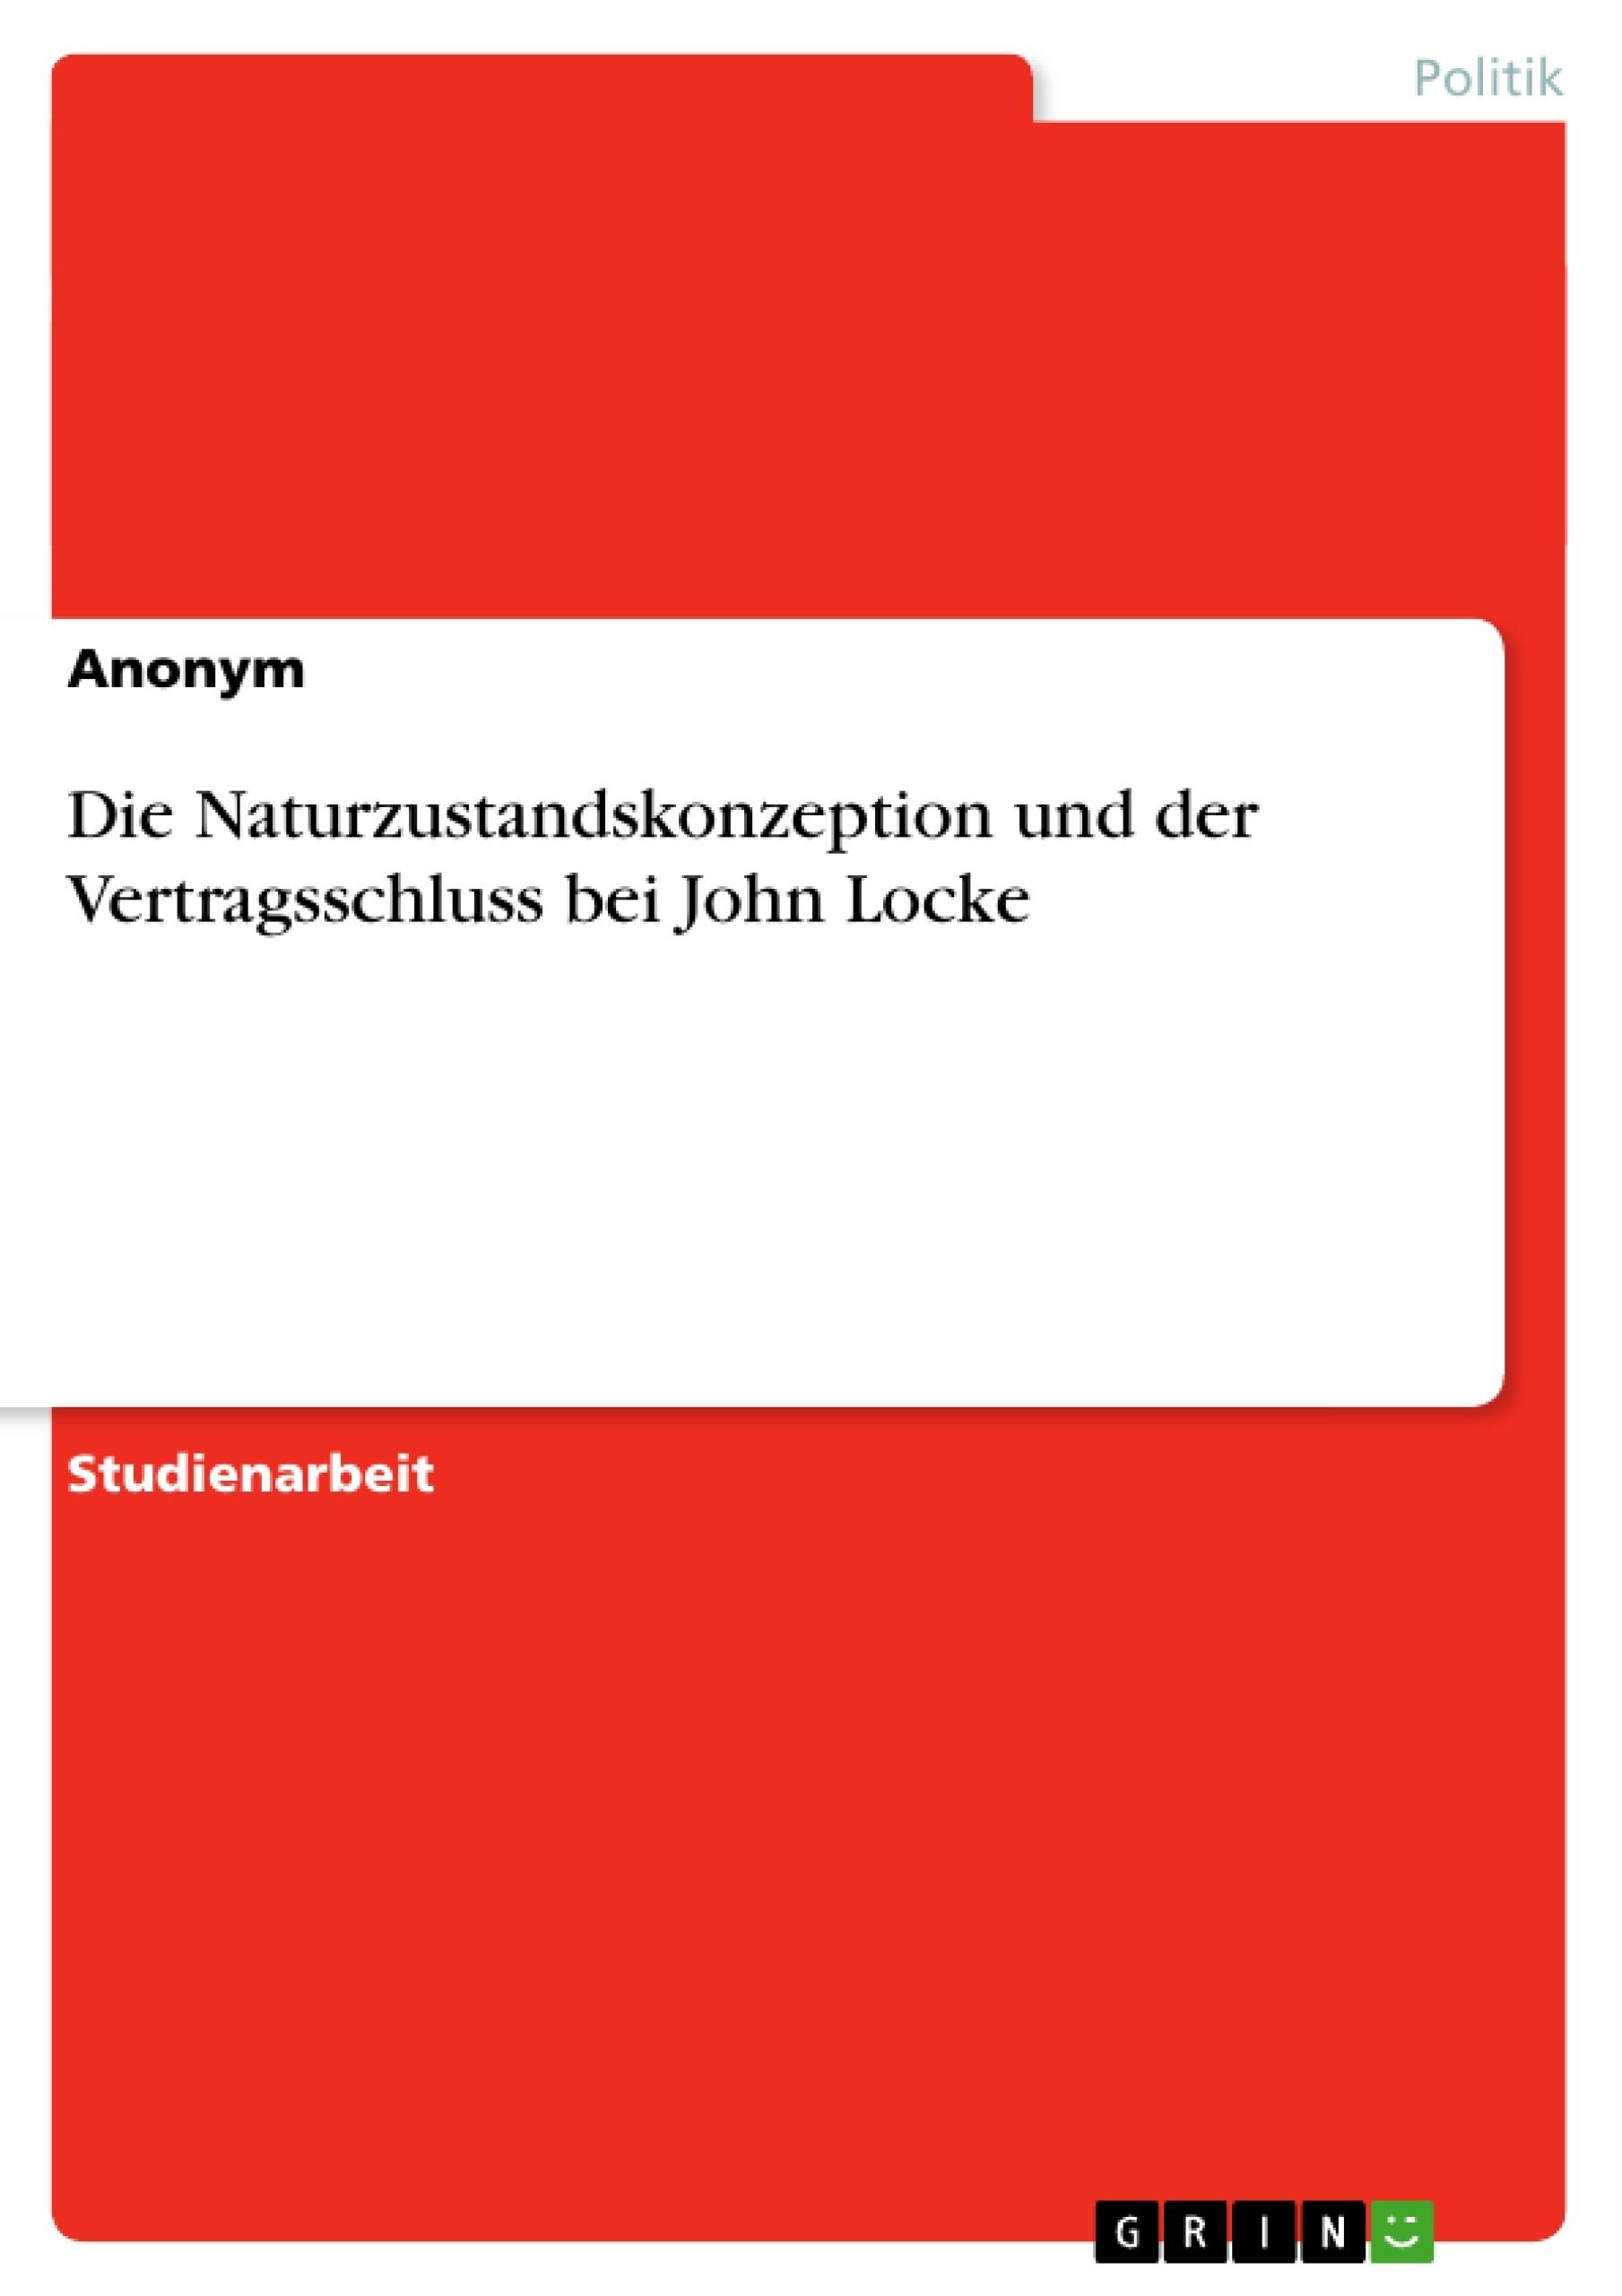 Titel: Die Naturzustandskonzeption und der Vertragsschluss bei John Locke